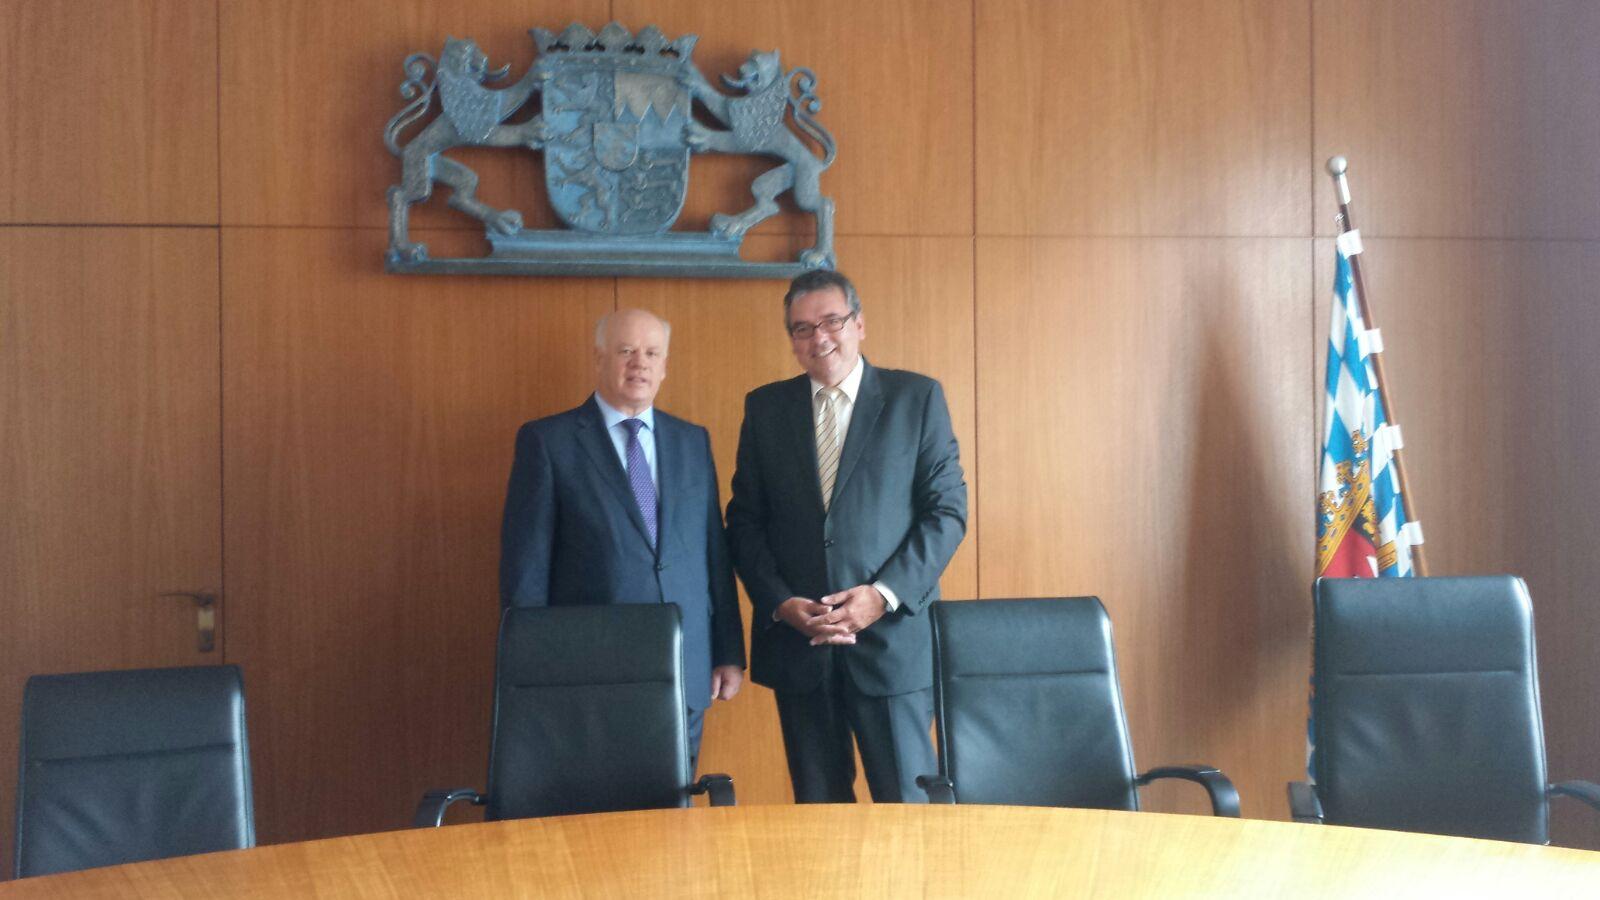 Në datat 22-23 korrik, Kryetari i Gjykatës së Lartë Z. Xhezair Zaganjori zhvilloi një vizitë zyrtare në Landin e Bavarisë, Gjermani